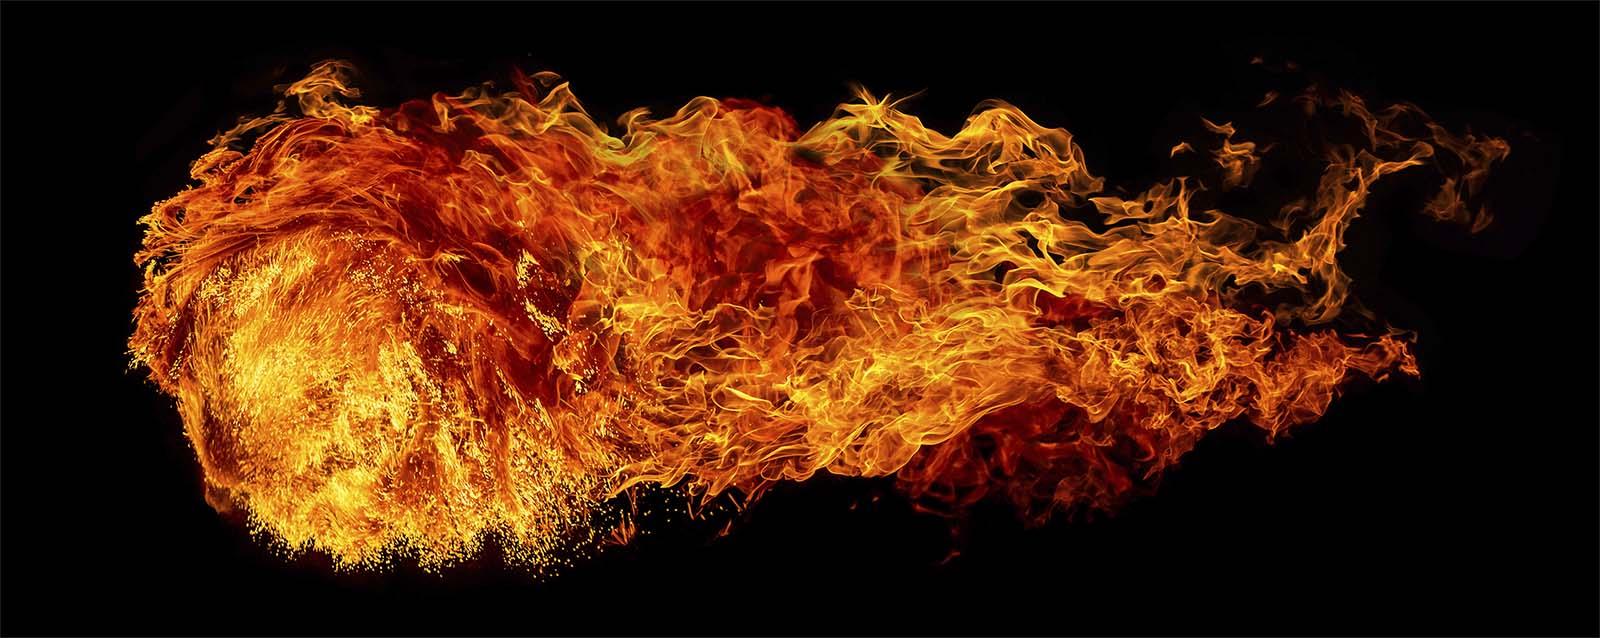 Flamme vor schwarzem Hintergrund Schiesskino Rudolph